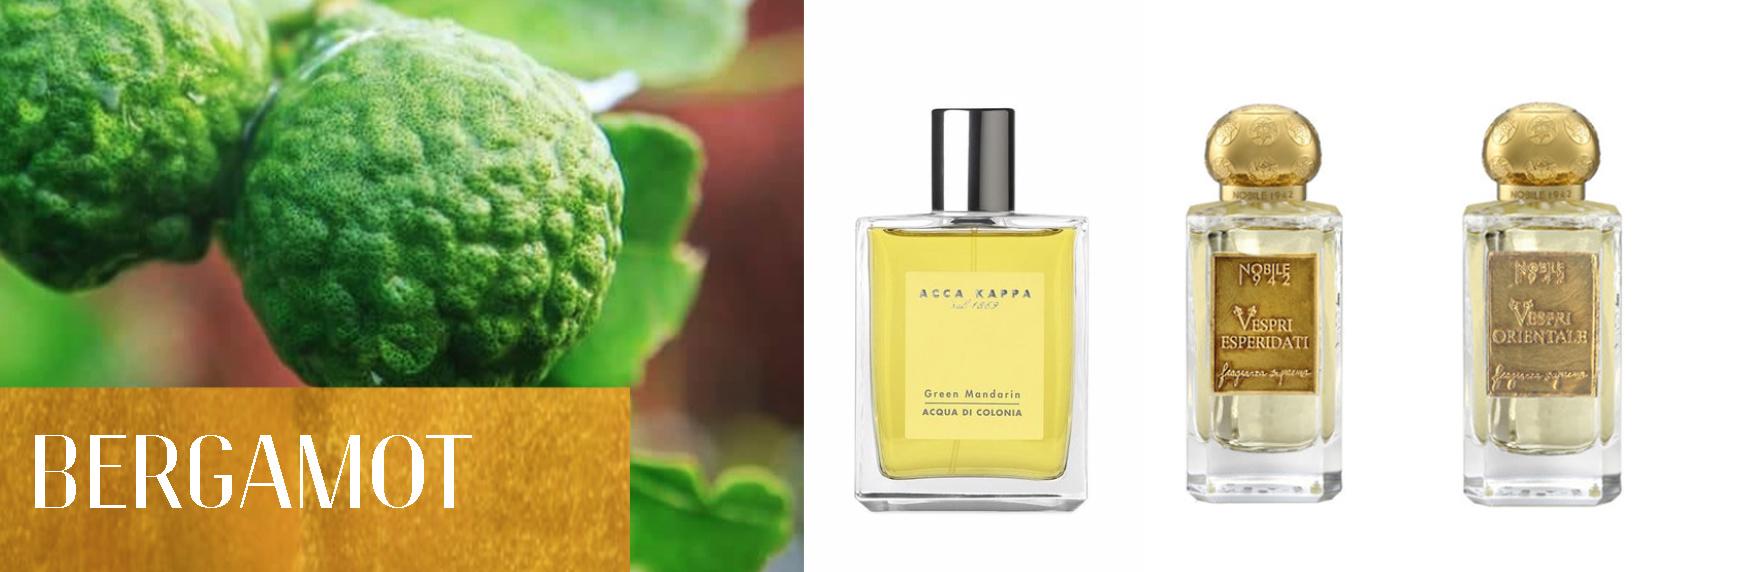 Parfum Ingrediënten: Bergamot